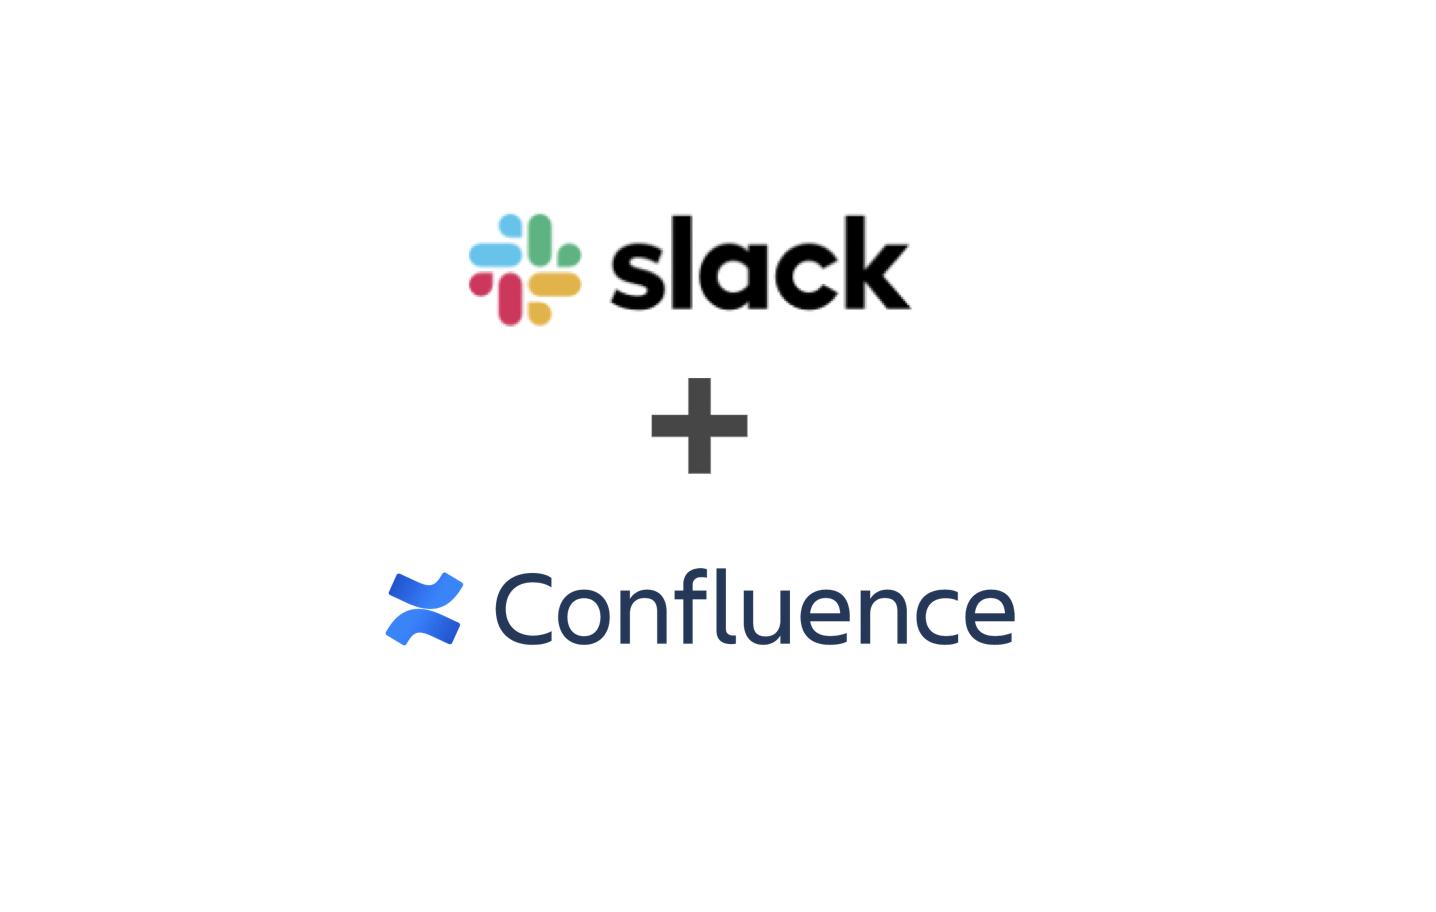 Confluence(コンフルエンス)とSlackを連携させる方法